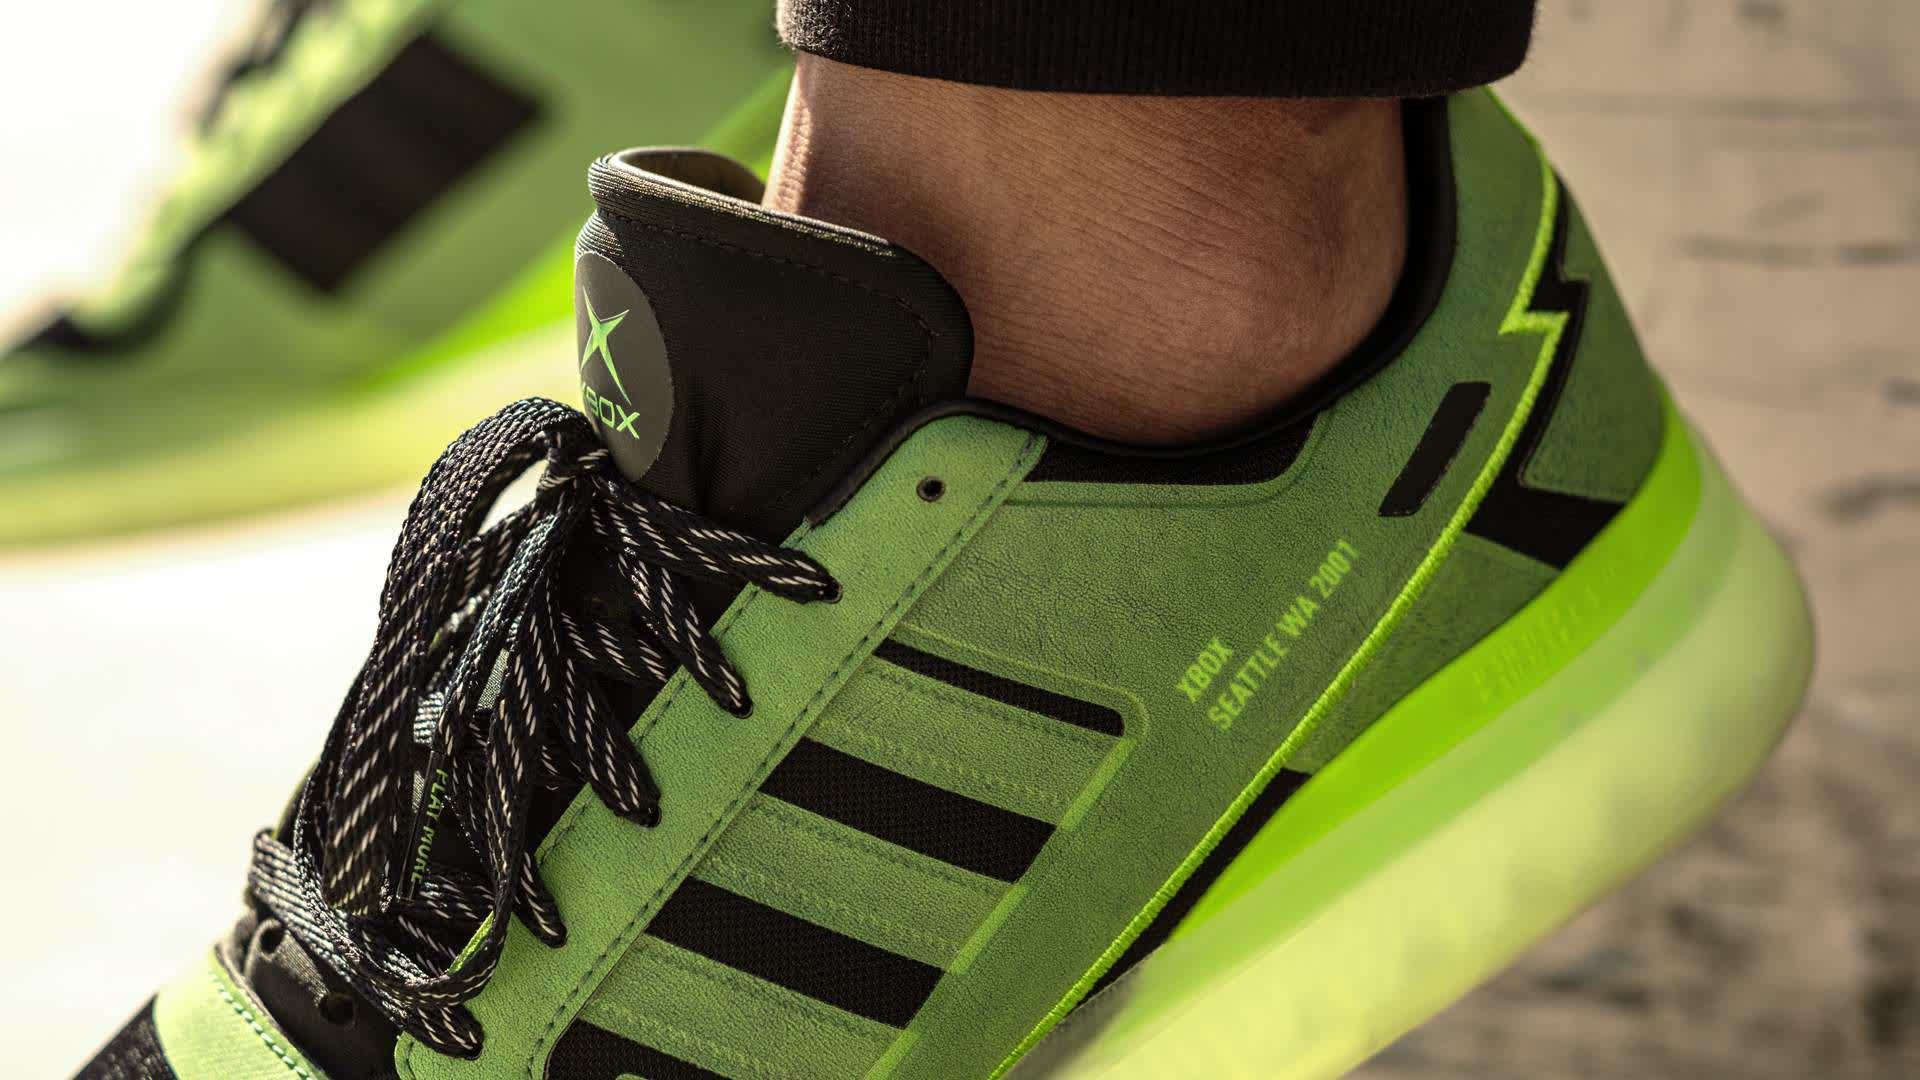 Lanzan unas zapatillas Adidas del 20 aniversario de Xbox 4